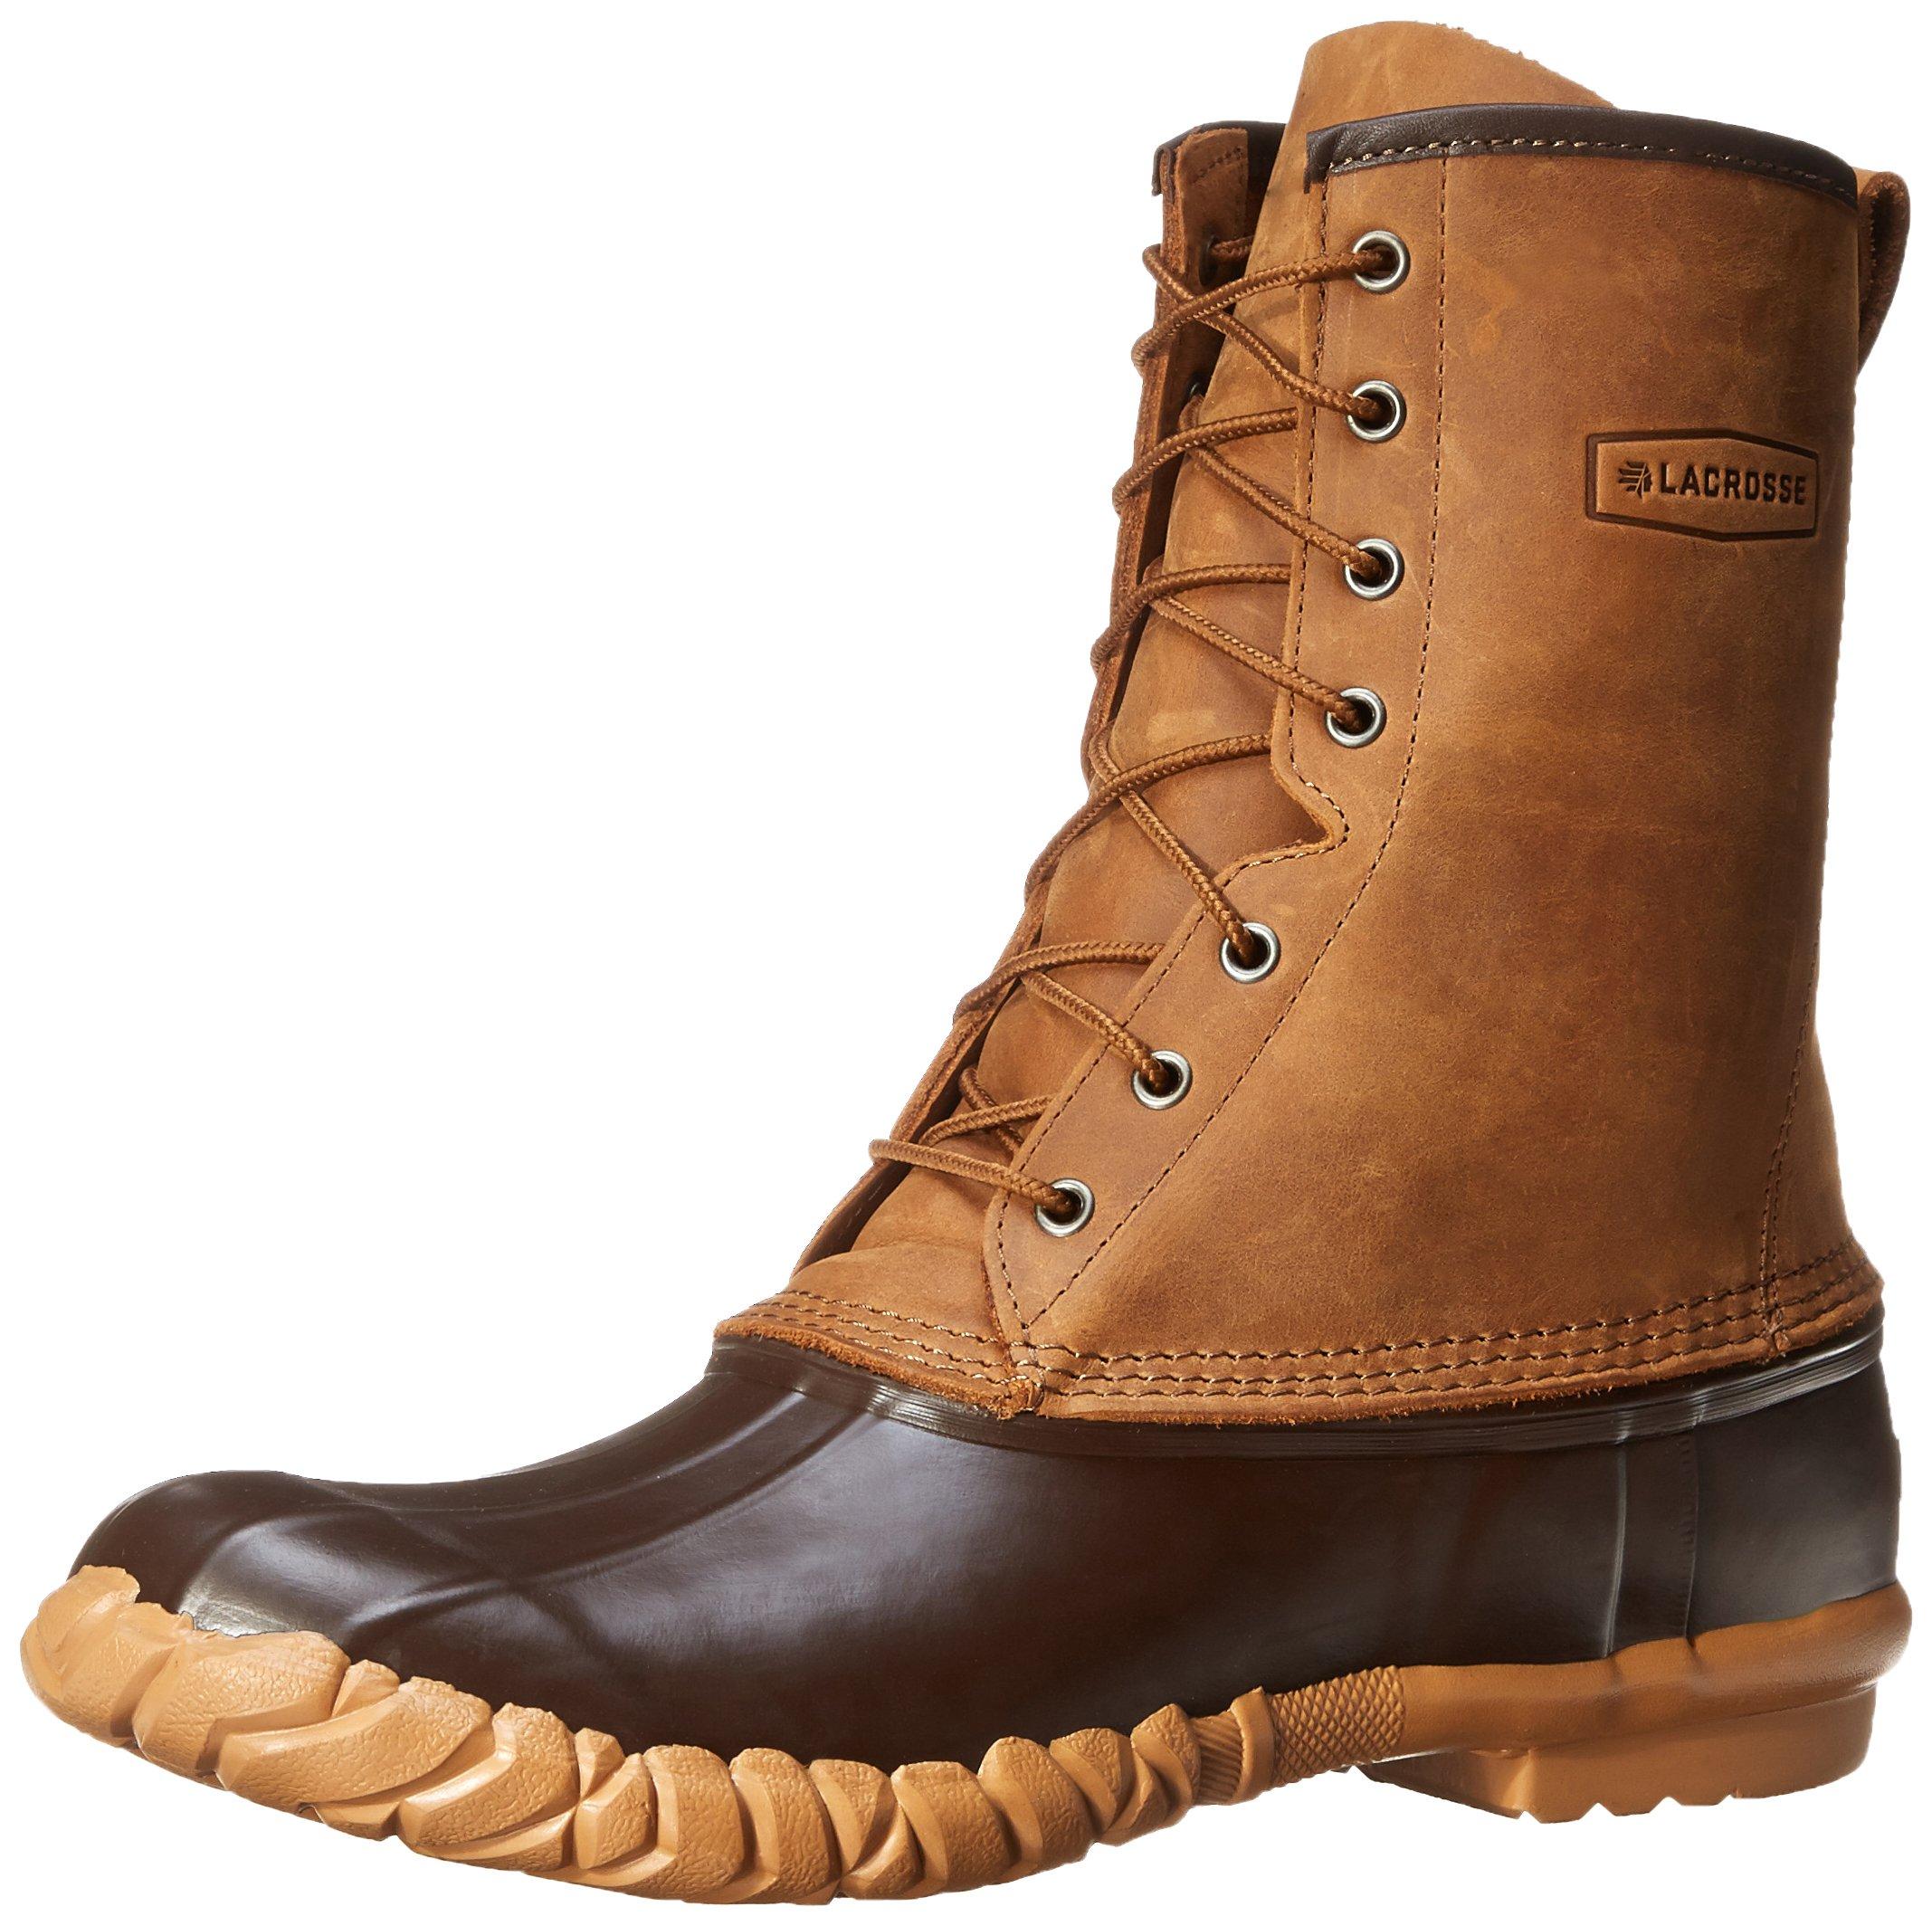 Lacrosse Men's Uplander II 10-Inch Brown Snow Boot,Brown,15 M US